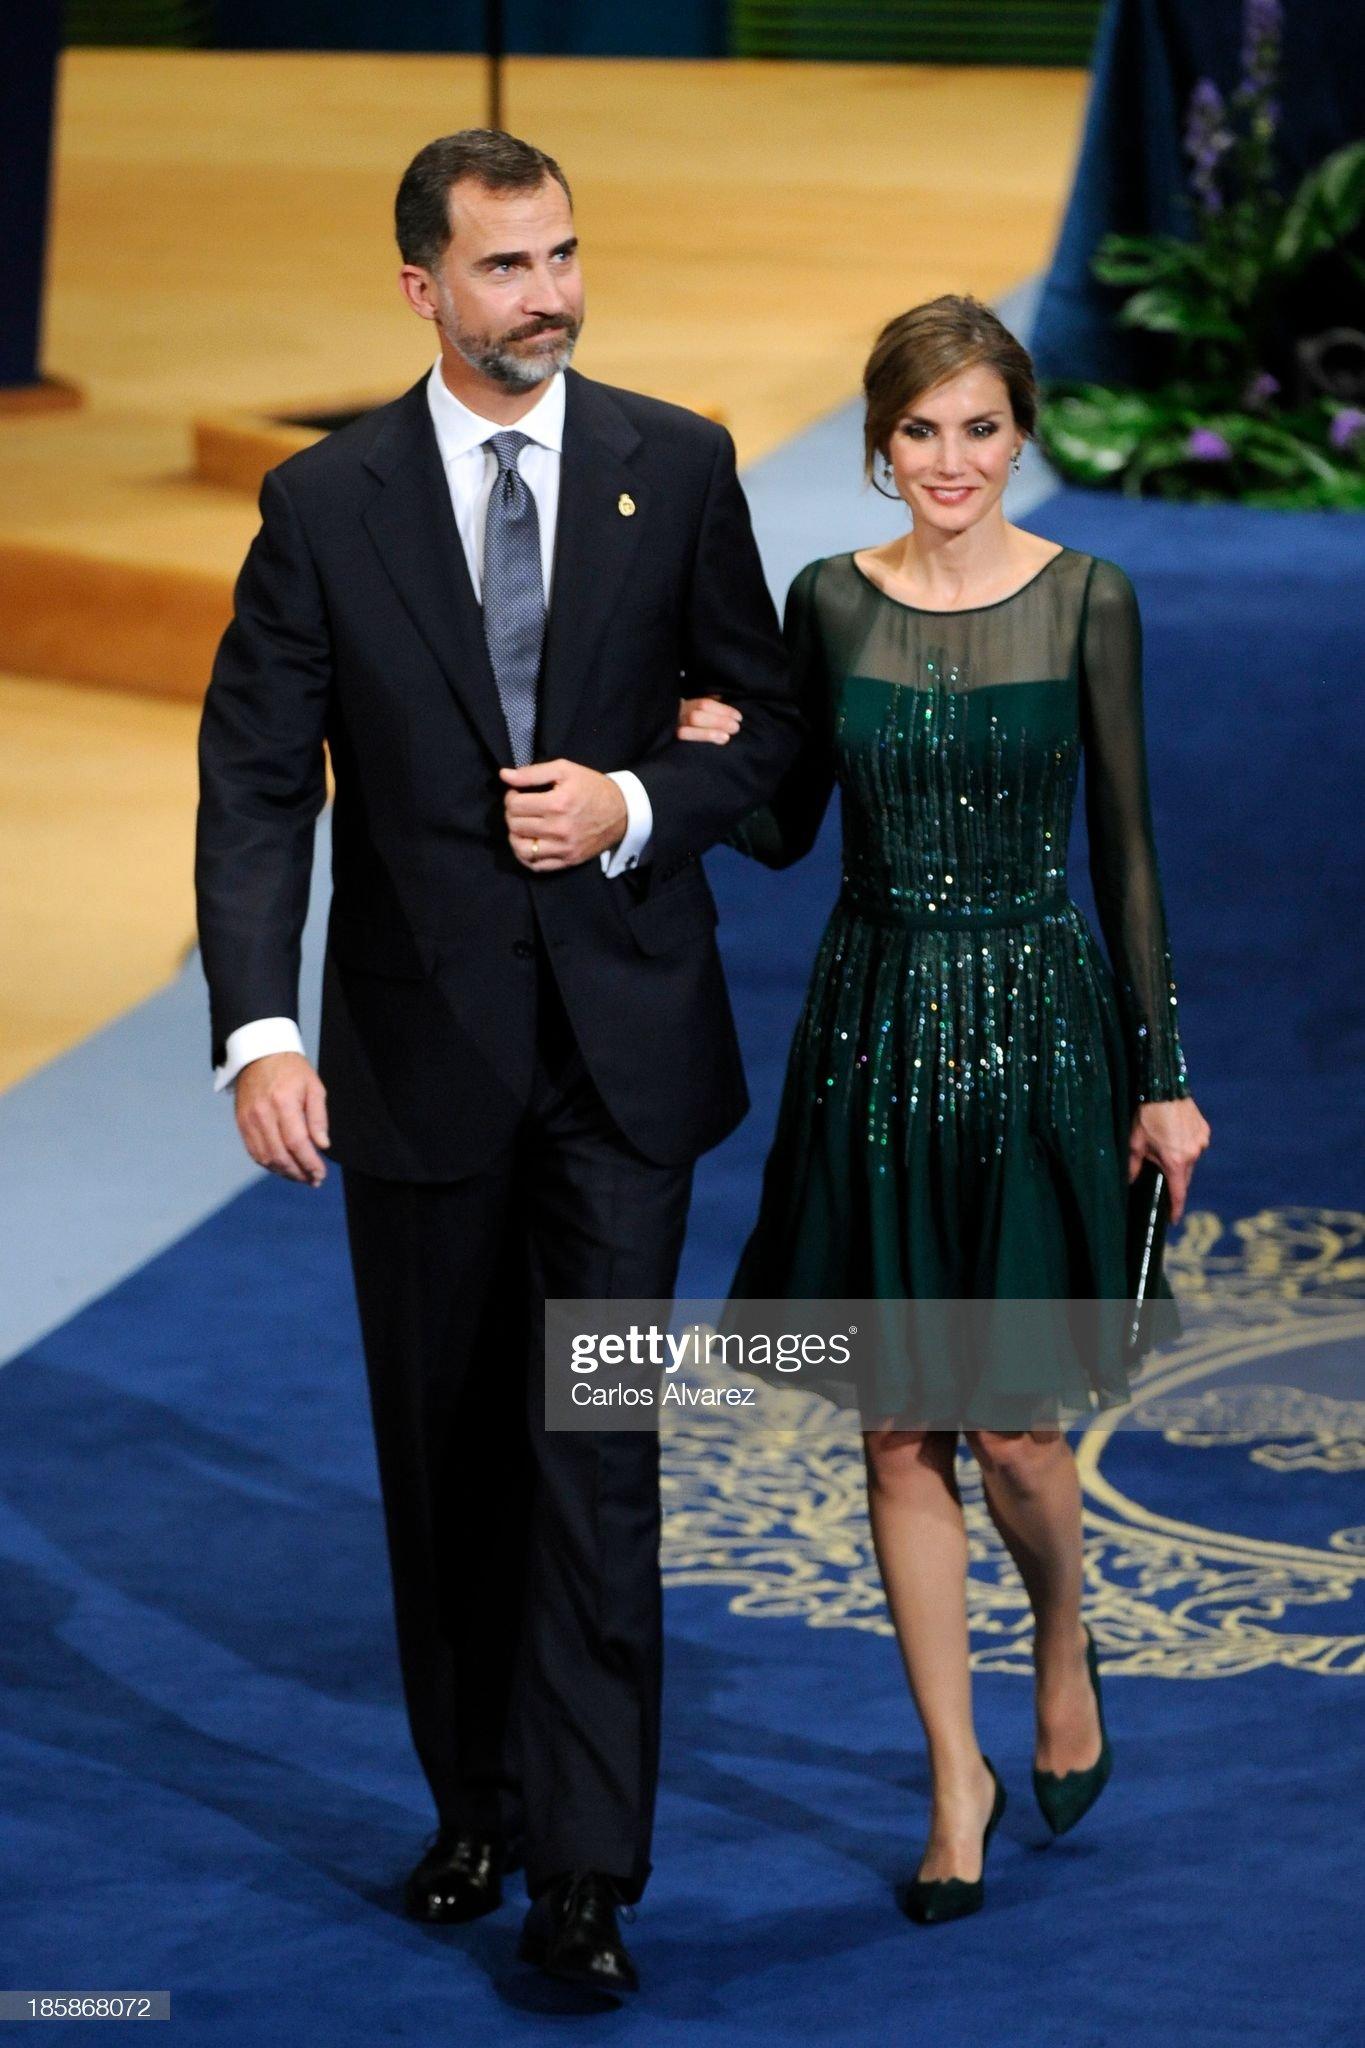 Вечерние наряды Королевы Летиции Spanish Royals Attend Principes de Asturias Awards 2013 - Gala : News Photo